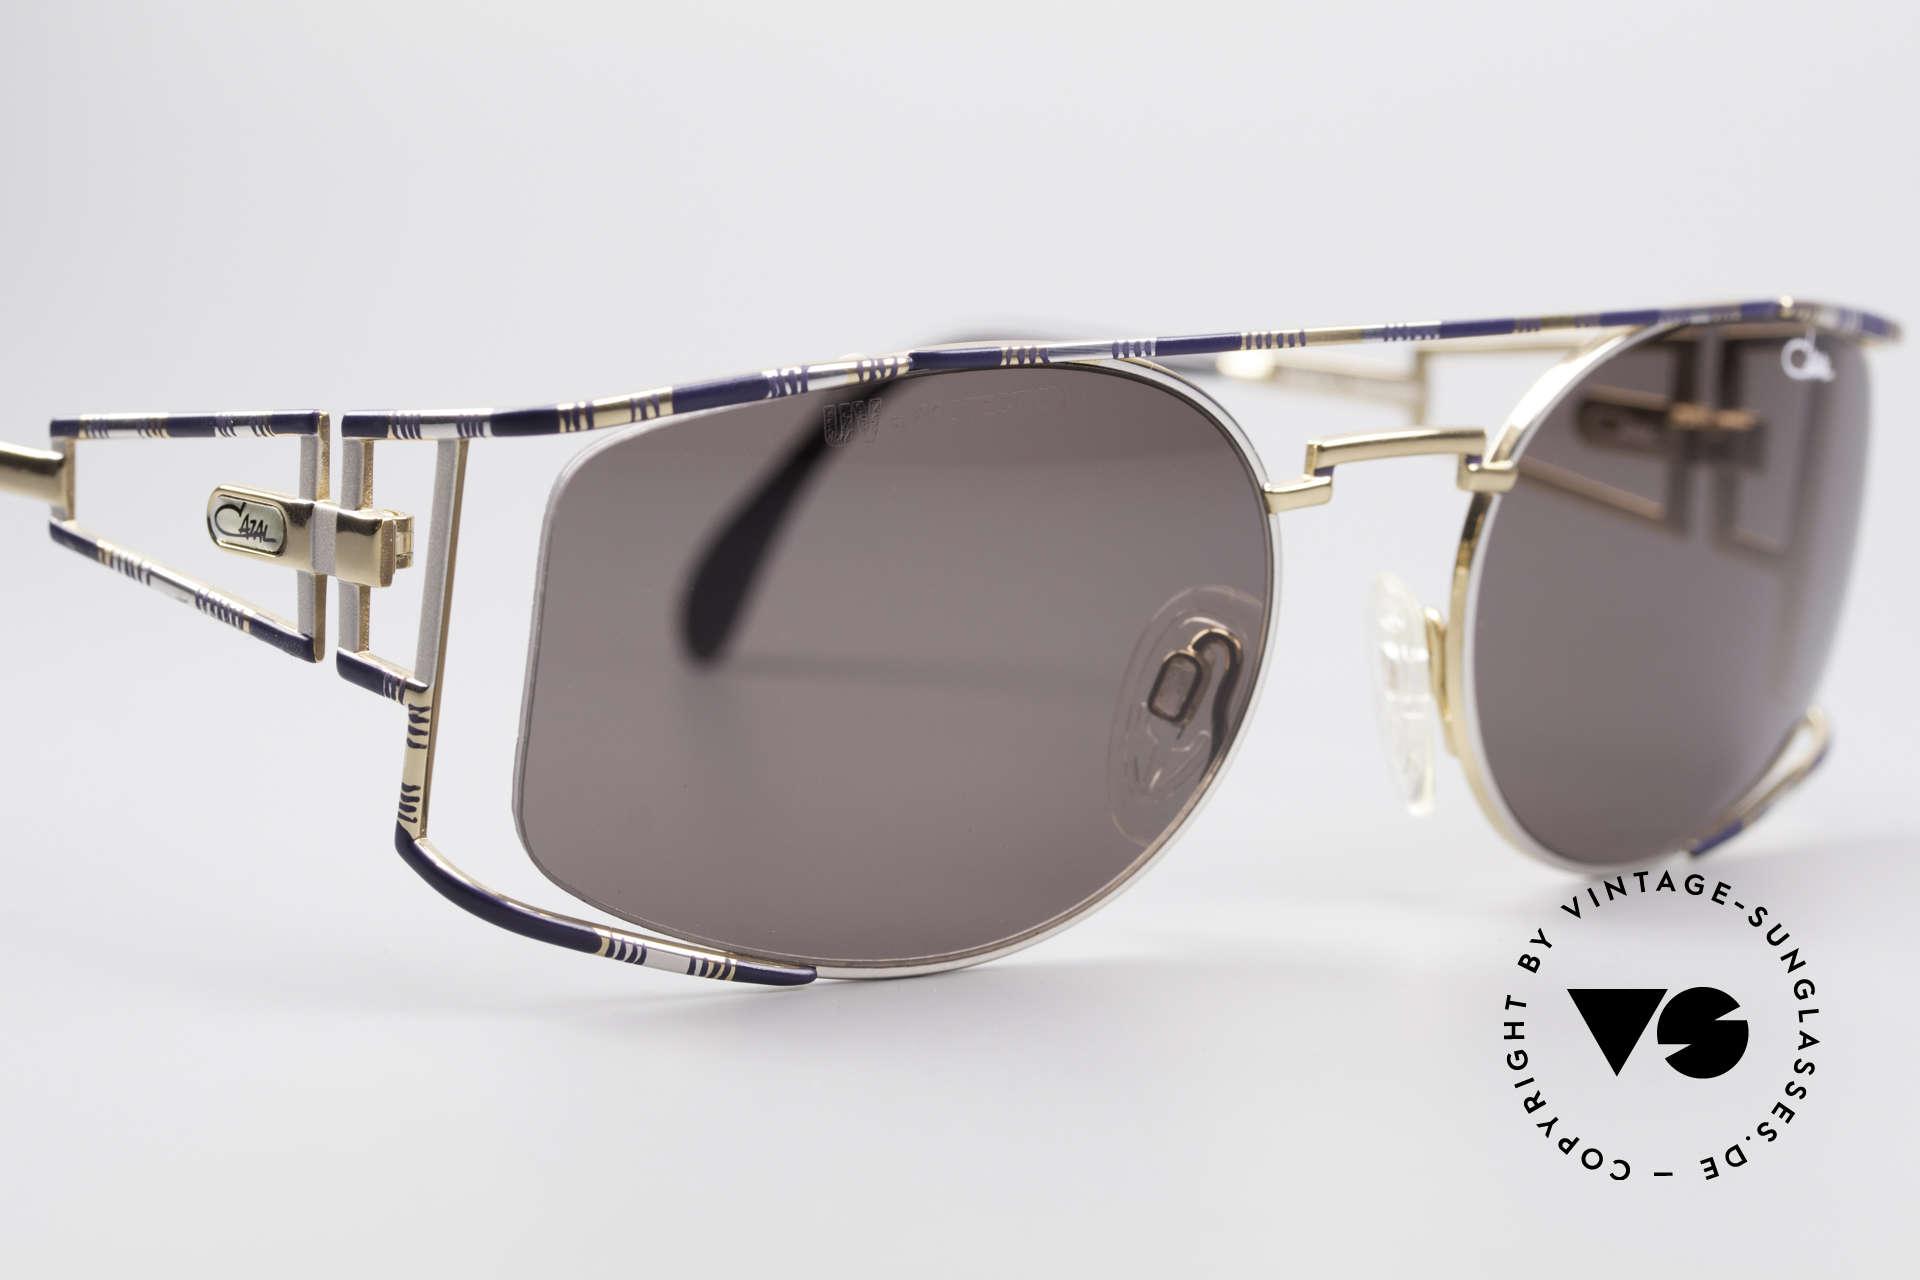 Cazal 967 Vintage Markensonnenbrille, ungetragen (wie alle unsere orig. Cazal Sonnenbrillen), Passend für Herren und Damen